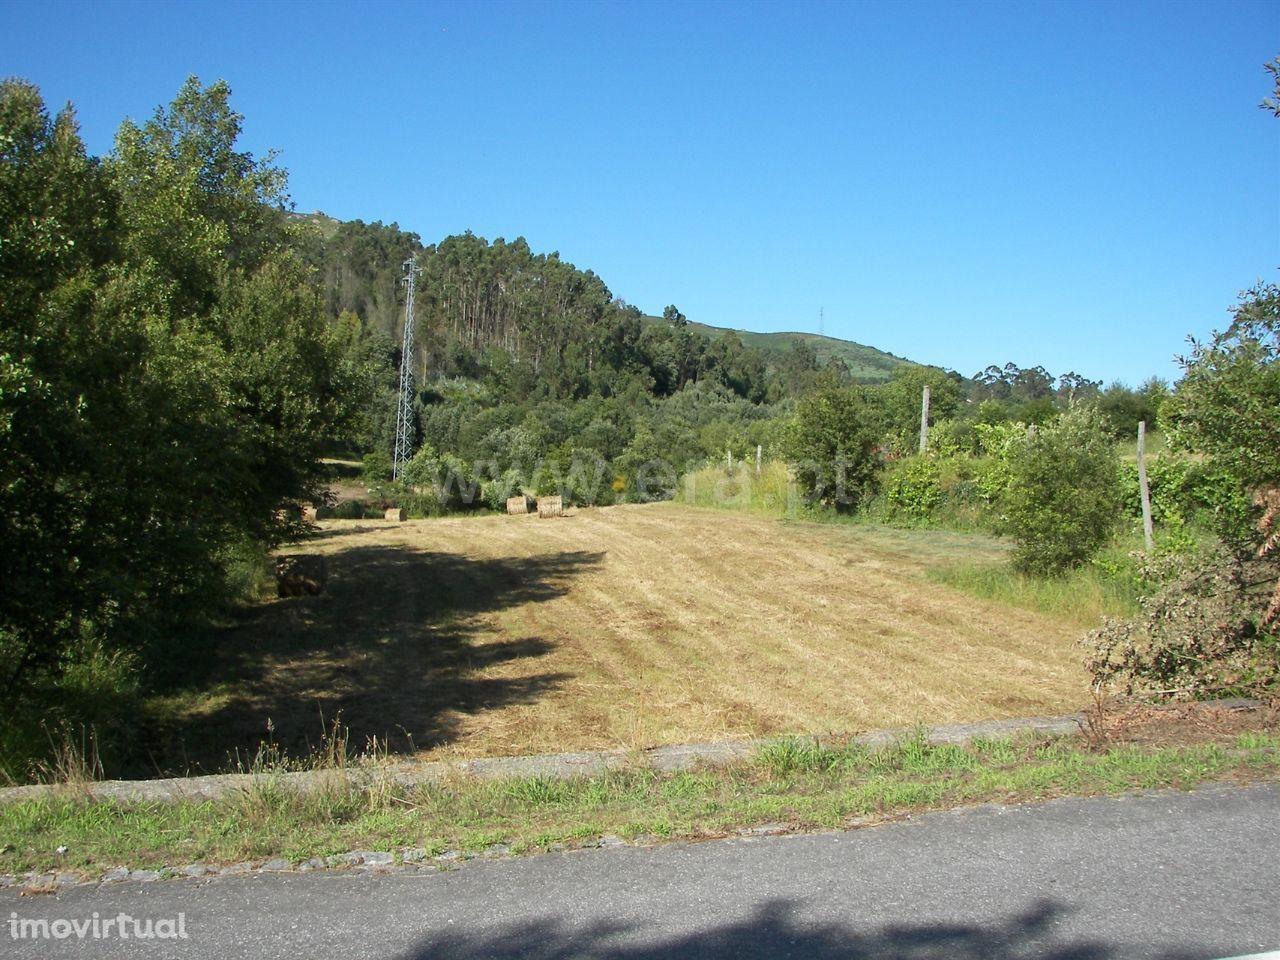 Terreno em Queimadela com 11.000 m2